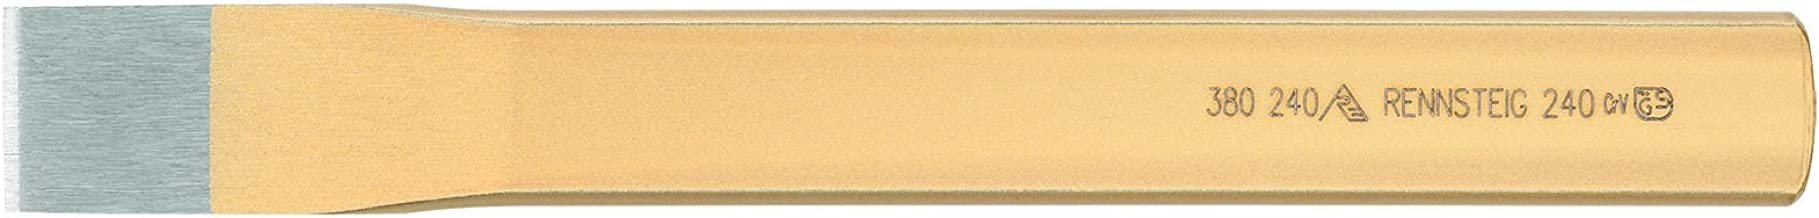 Slitting Chisel hanger 240 mm